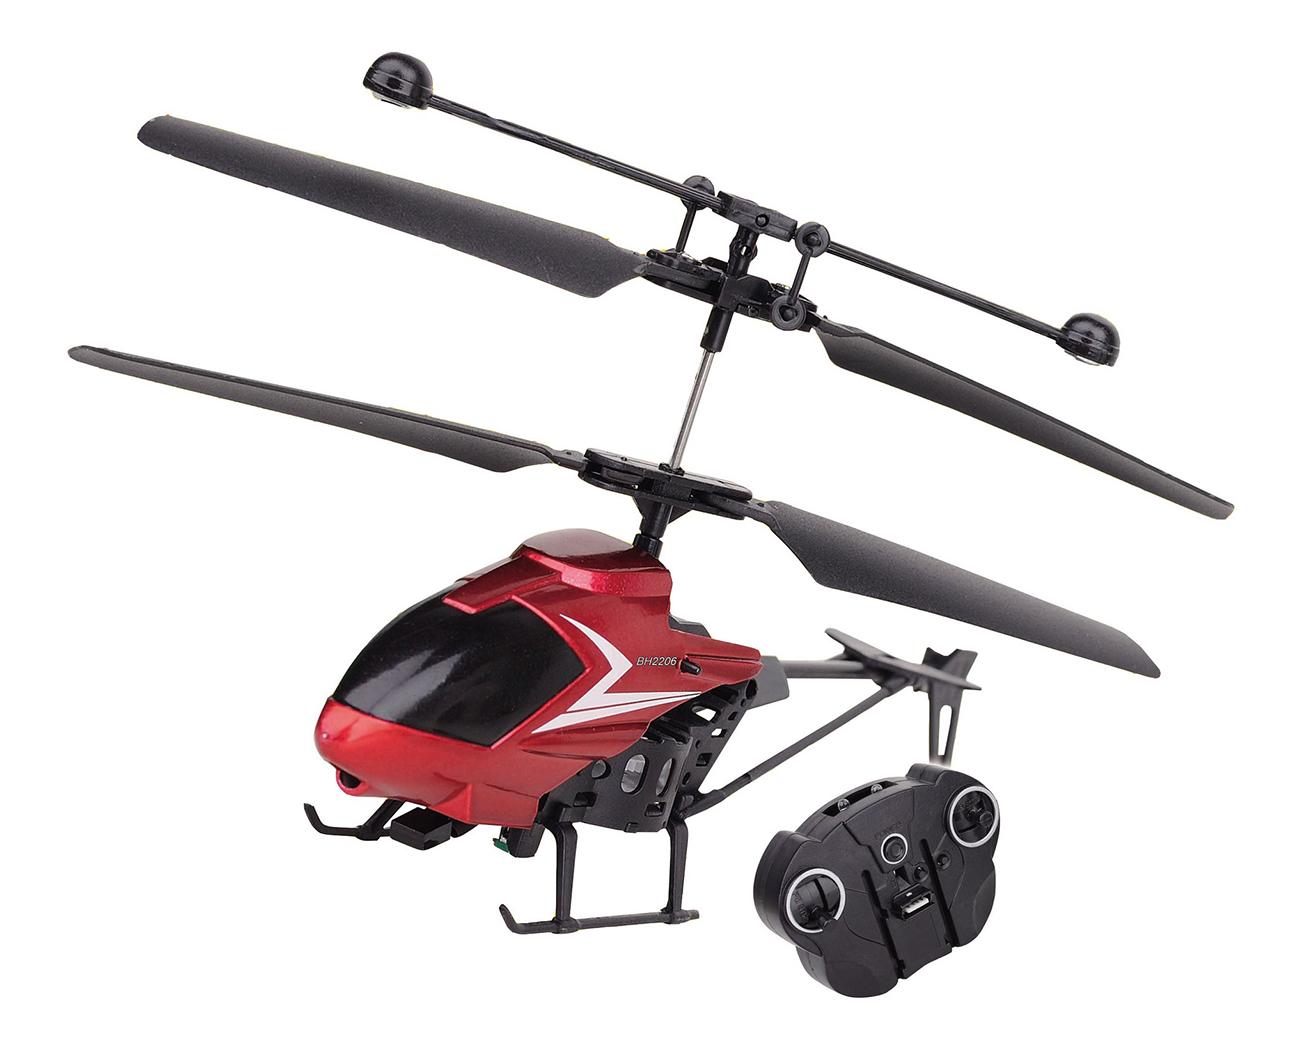 Радиоуправляемый вертолет пчелка на инфракрасном управлении Пчелка по цене 1 274